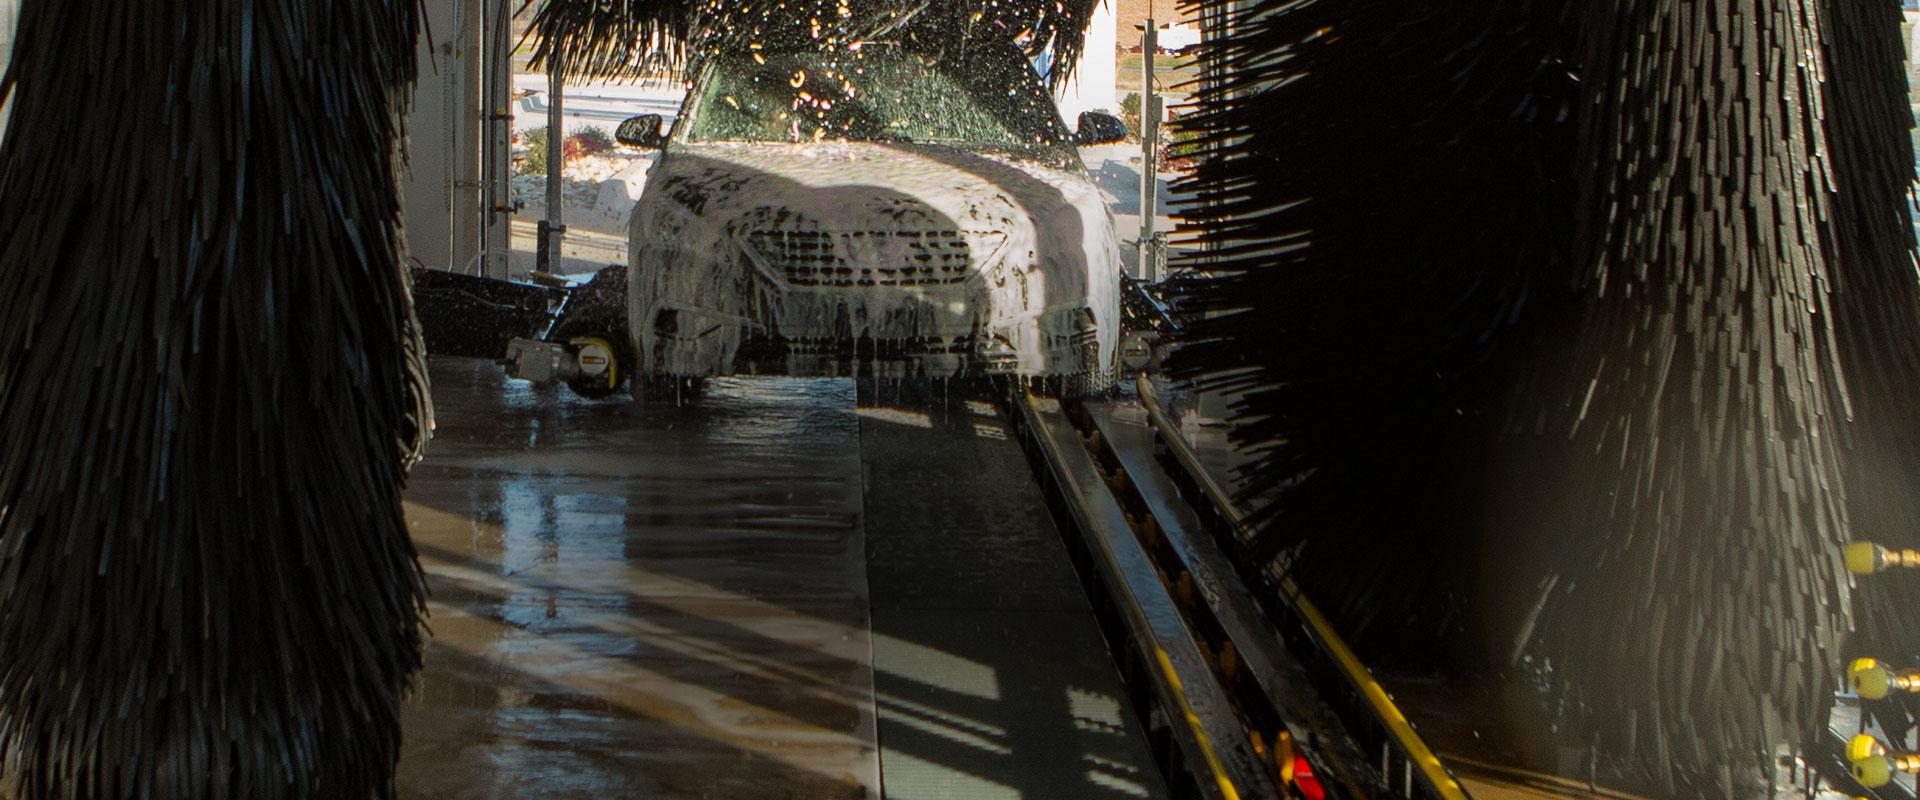 Macneil Car Wash Equipment >> Car Wash Systems | MacNeil